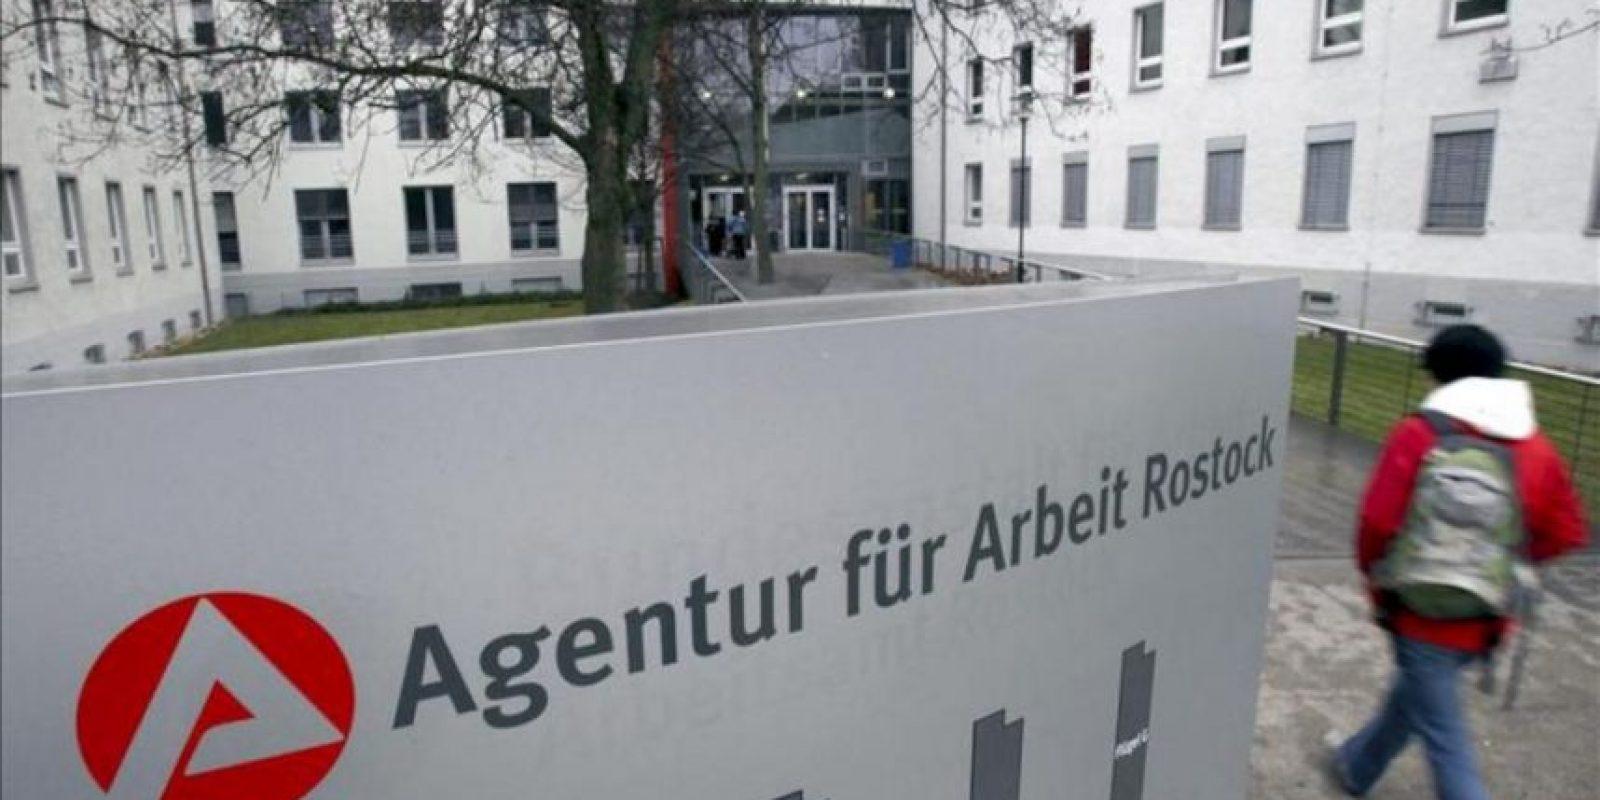 Fotografía de archivo tomada el 3 de diciembre de 2011 que muestra las instalacines de la Agencia de Empleo en Rostock, Alemania. EFE